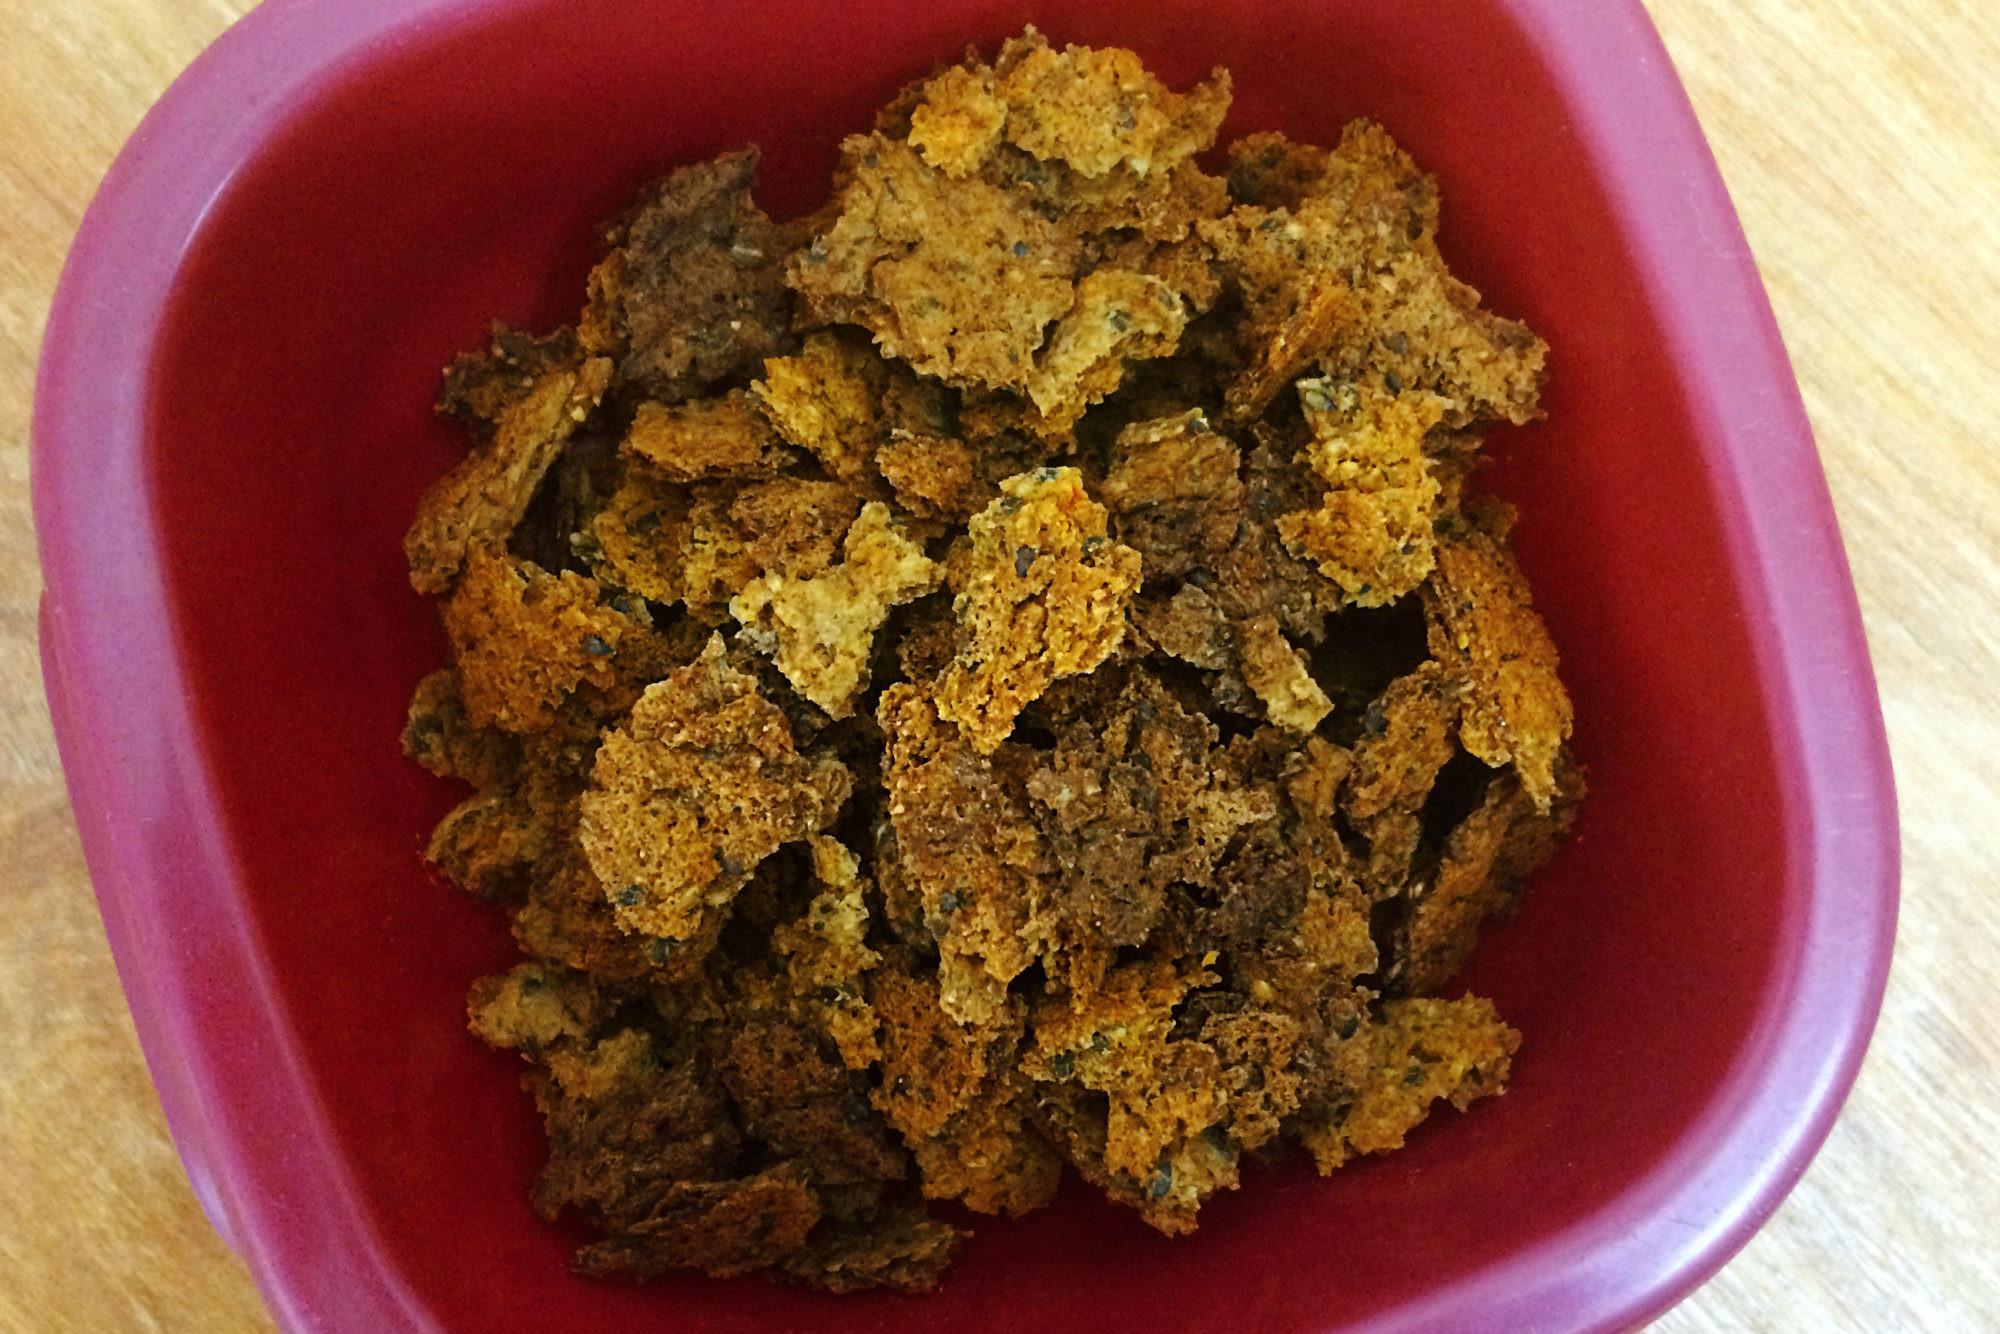 Homemade Vegan Dog Food Recipes  How to Make Dry Vegan Dog Food Vegan Food Lover